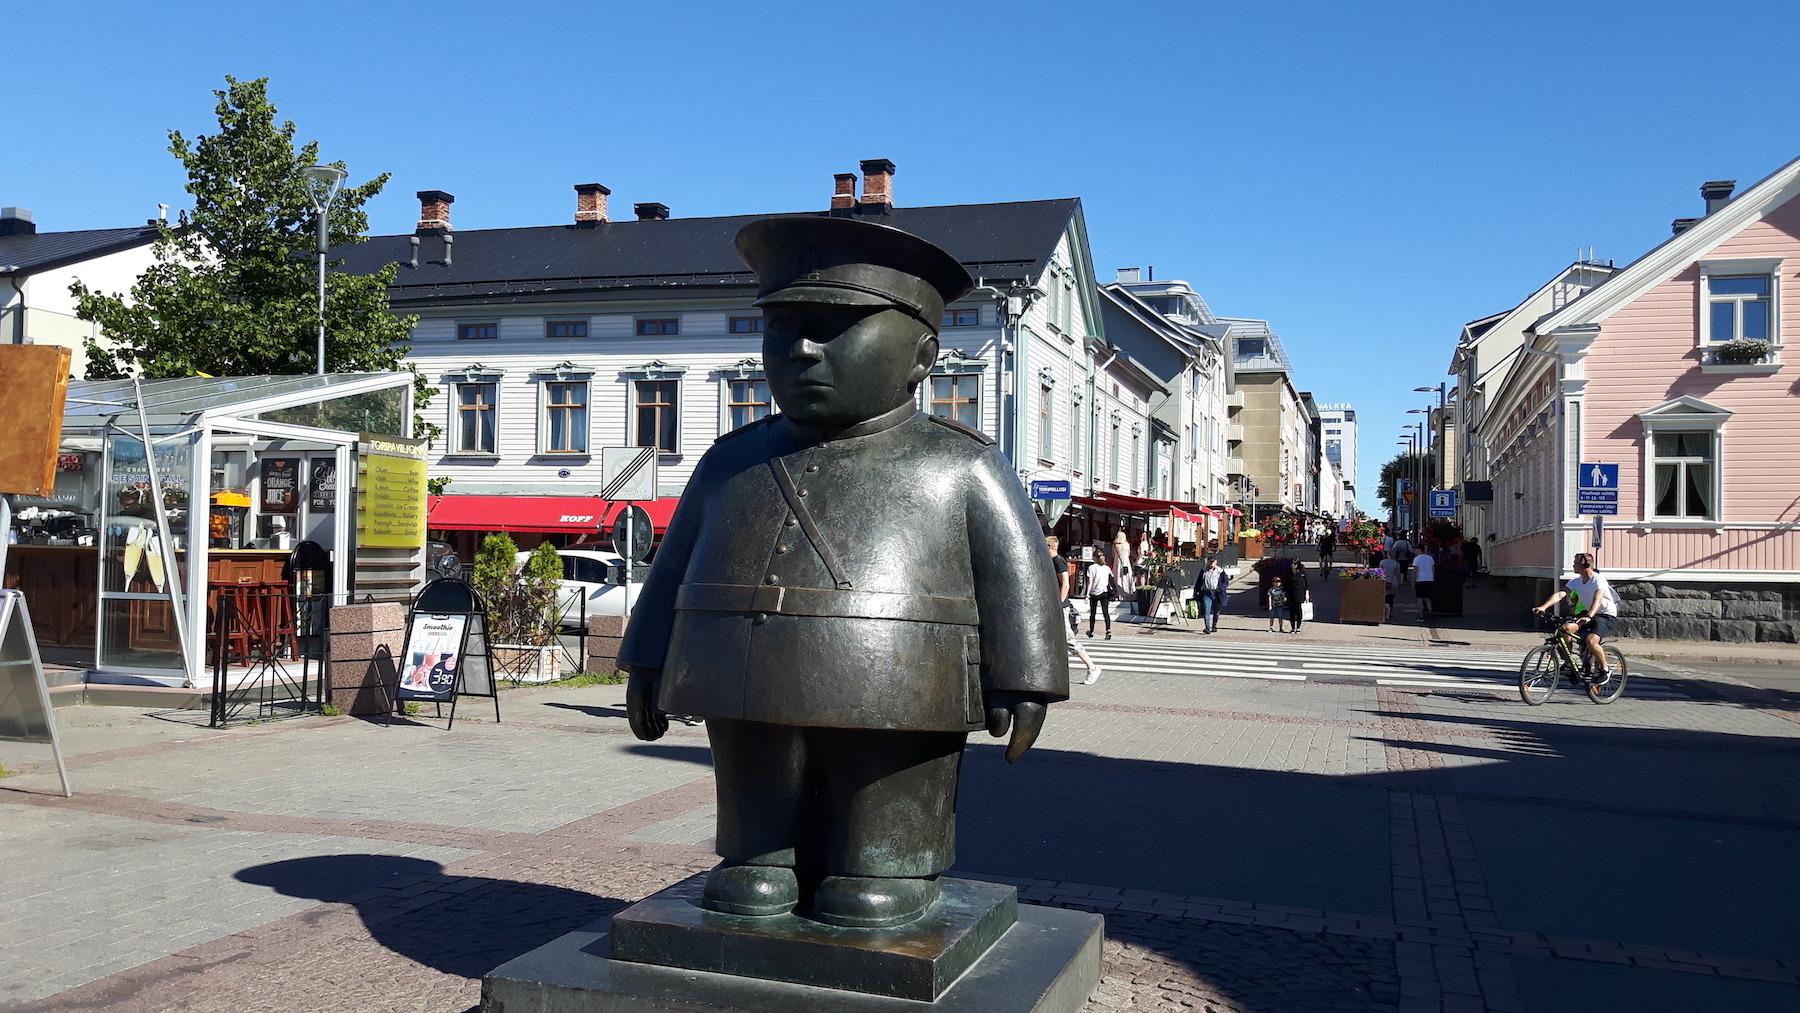 Statue in Oulu Finland